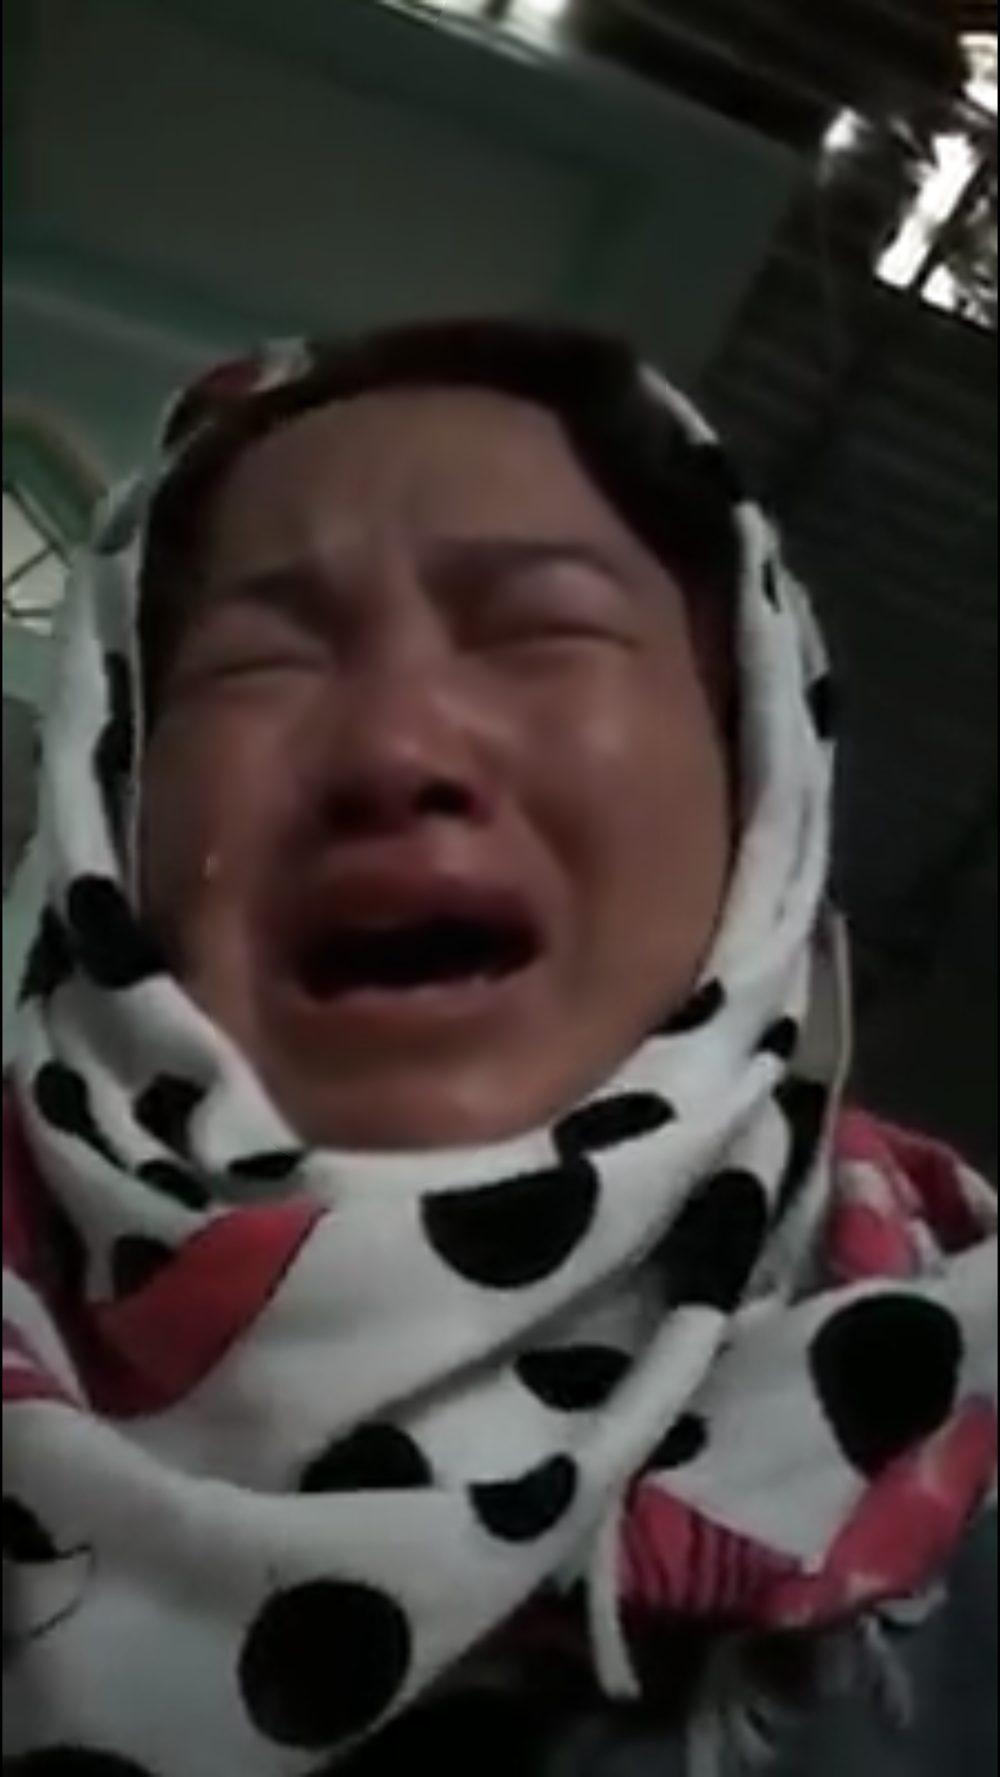 Mẹ cô gái giao gà chiều 30 Tết bị sát hại: 'Tôi căm thù Thu hàng tỷ lần vì biết rõ con tôi bị hãm hiếp thế mà không cứu' Ảnh 3